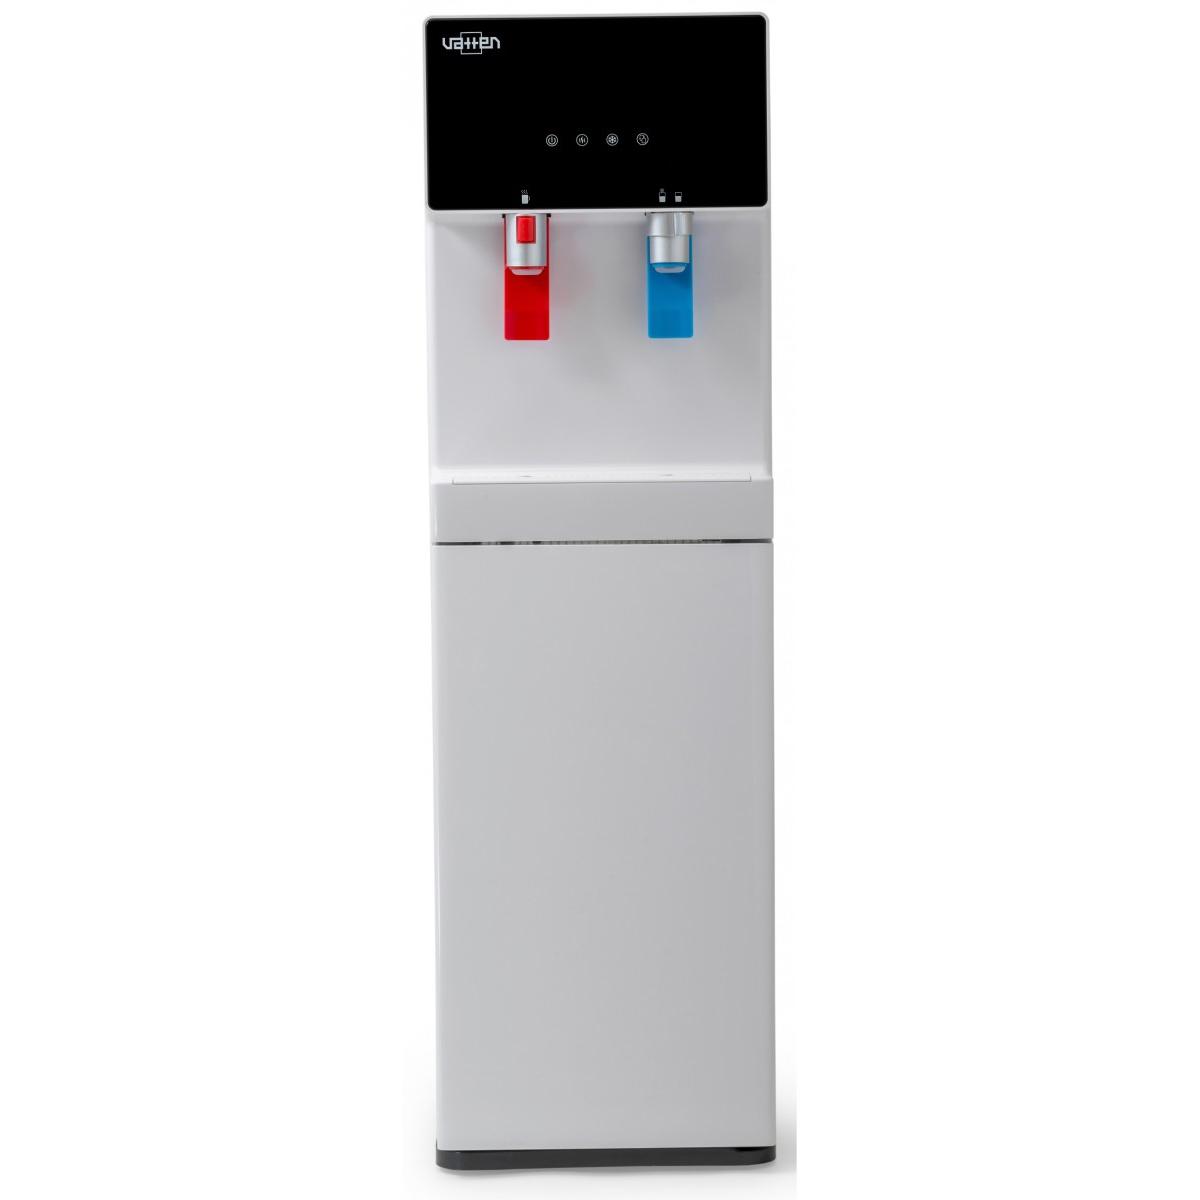 Водоочиститель-корректор Водный Доктор ВД-ТМ 205 Люкс WF в Пурифайере VATTEN (напольного типа)